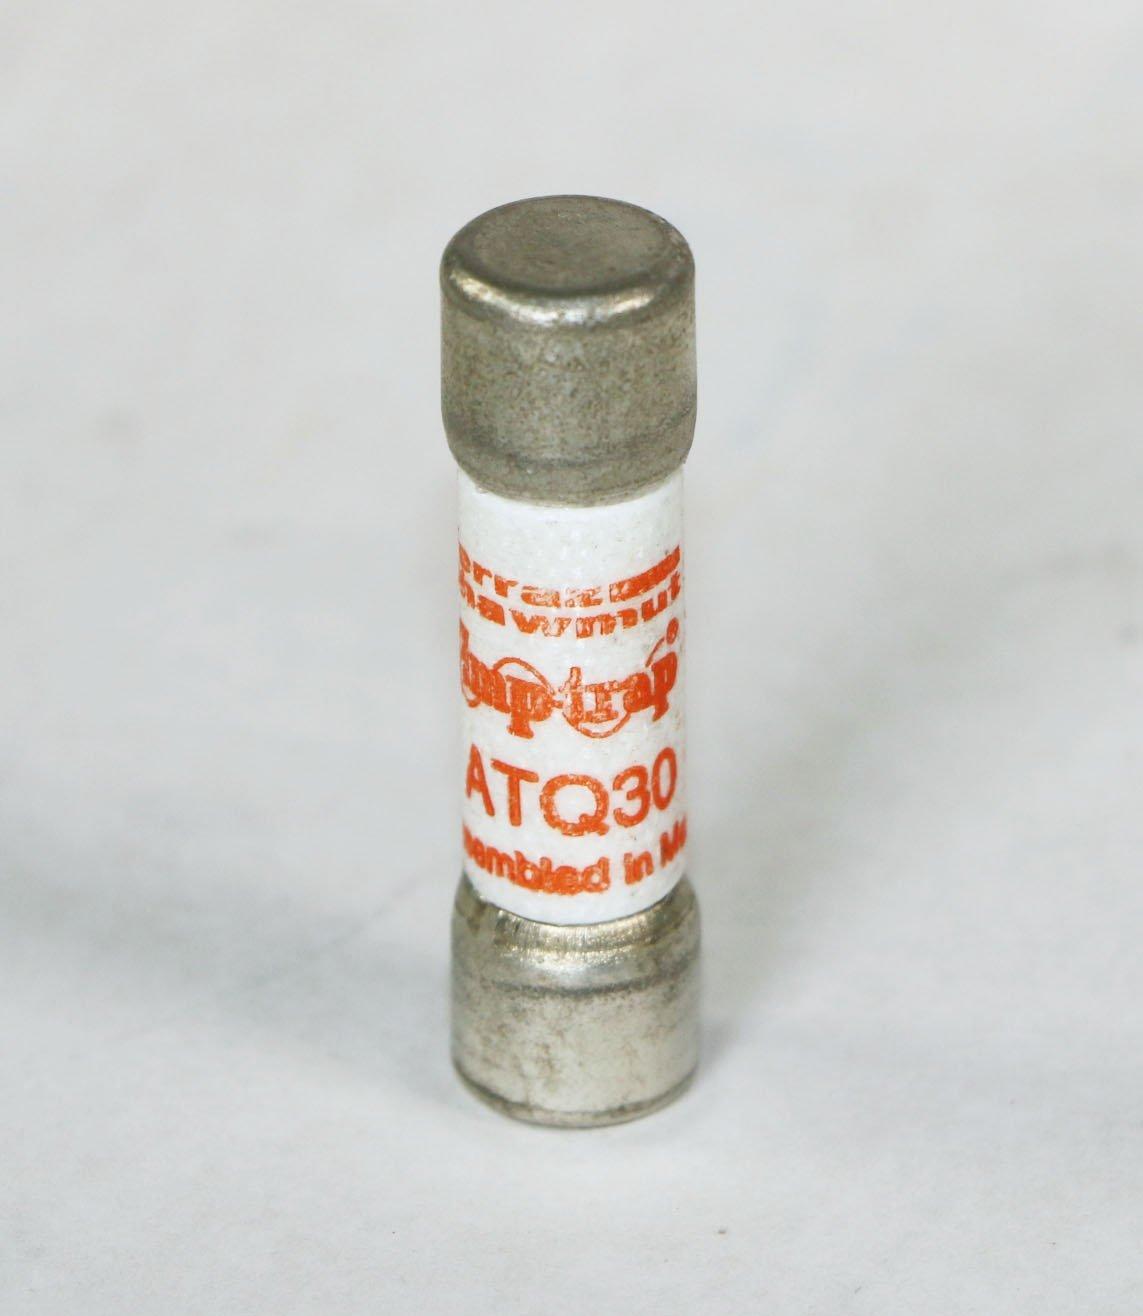 Ferraz Shawmut Brand ATQ-30 30 Amp (ATQ 30) Midget Time-Delay Fuses 500VAC